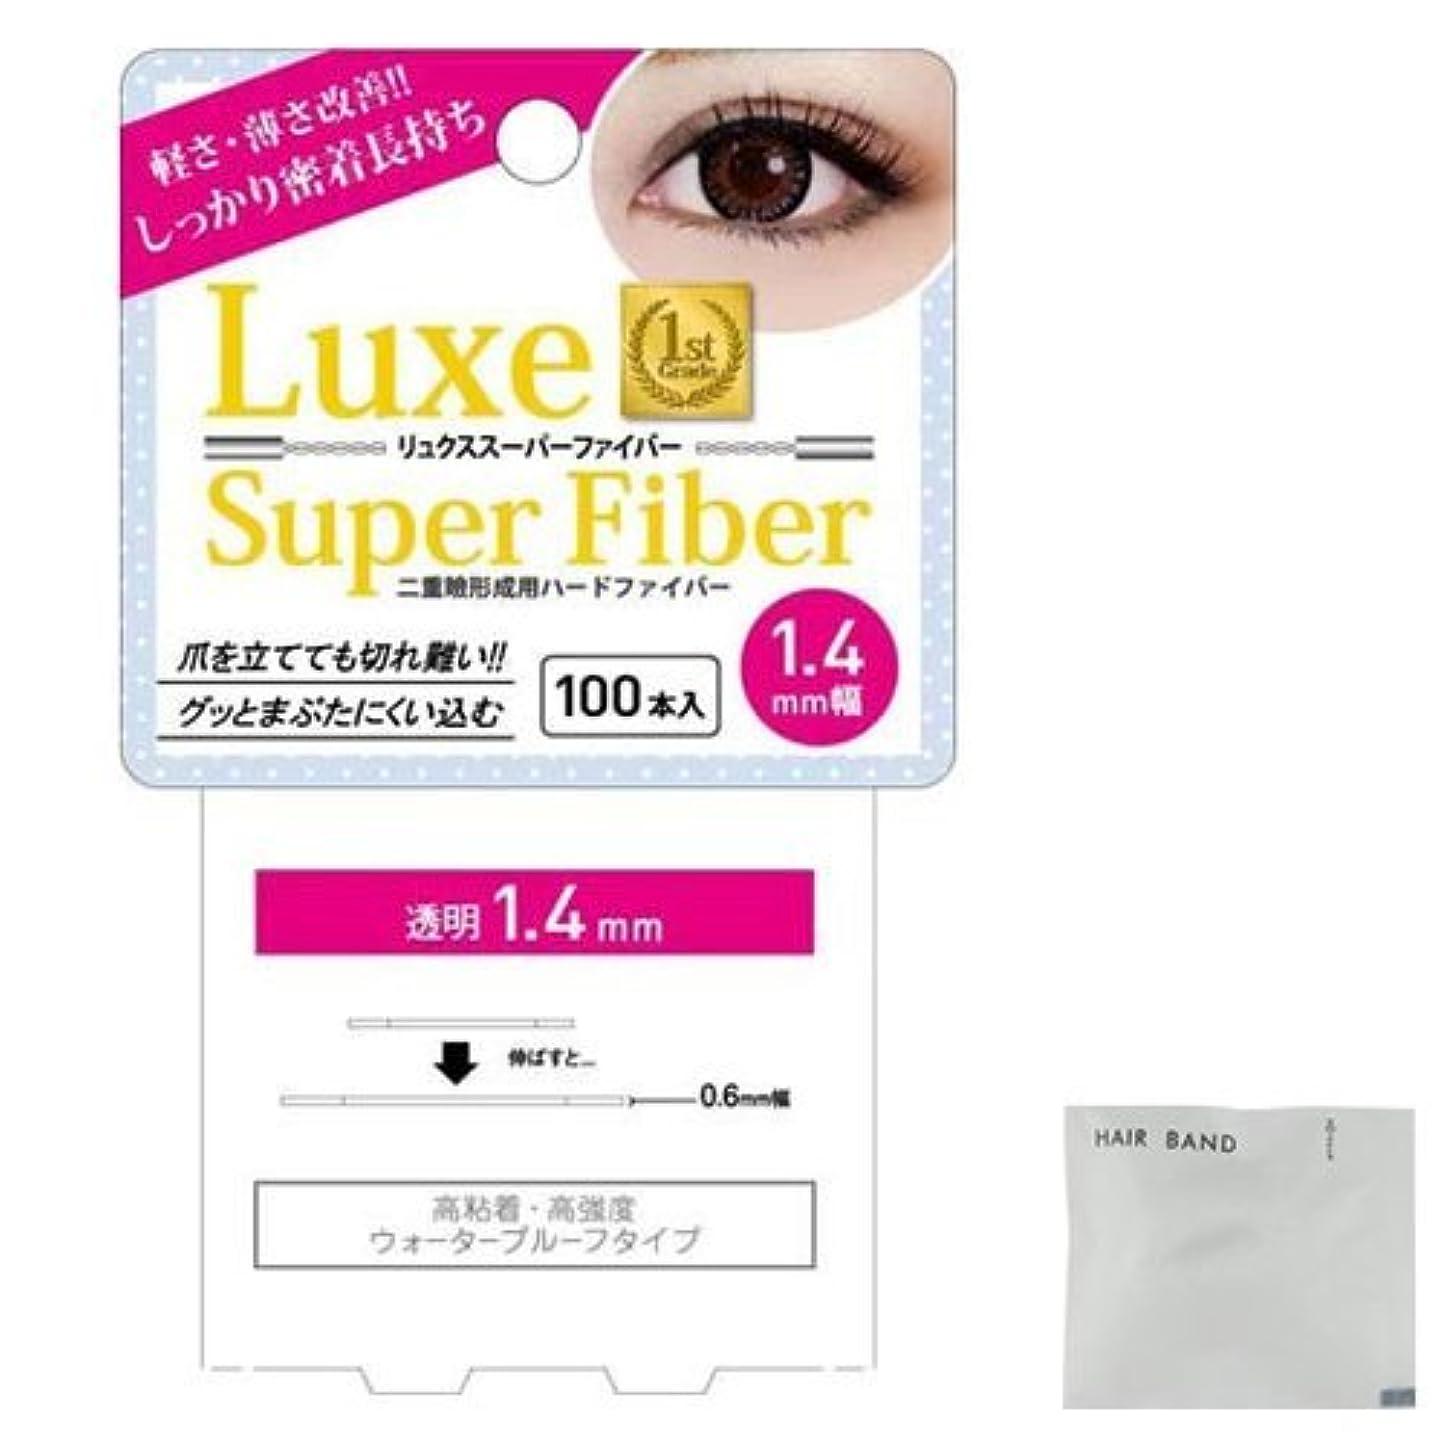 市場苗学者Luxe スーパーファイバーⅡ (Super Fiber) クリア1.4mm + ヘアゴム(カラーはおまかせ)セット